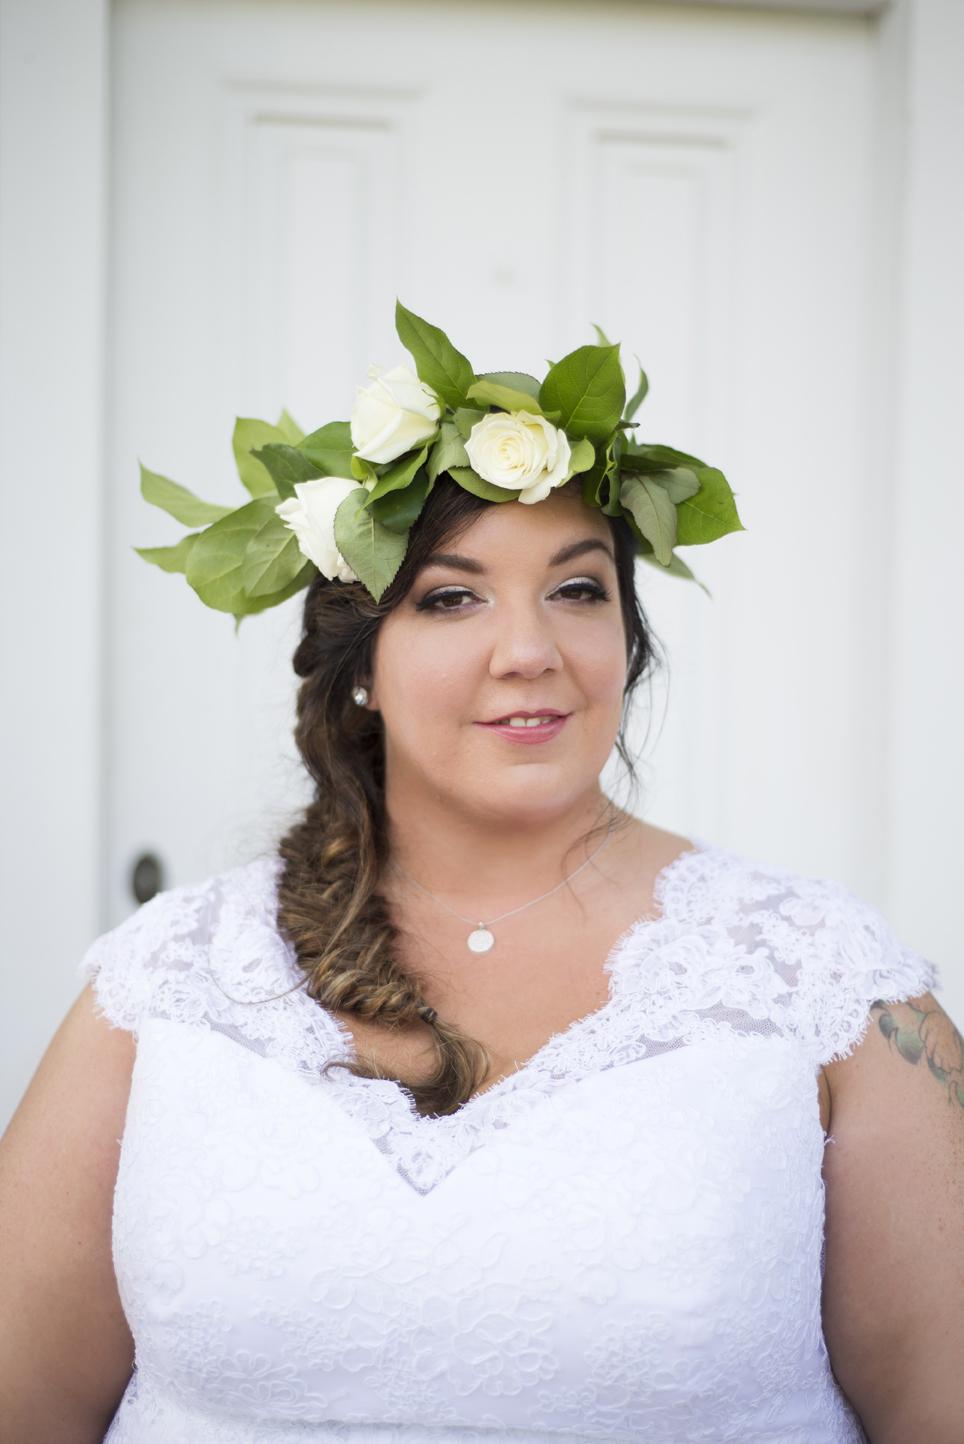 Polen Farm Bride